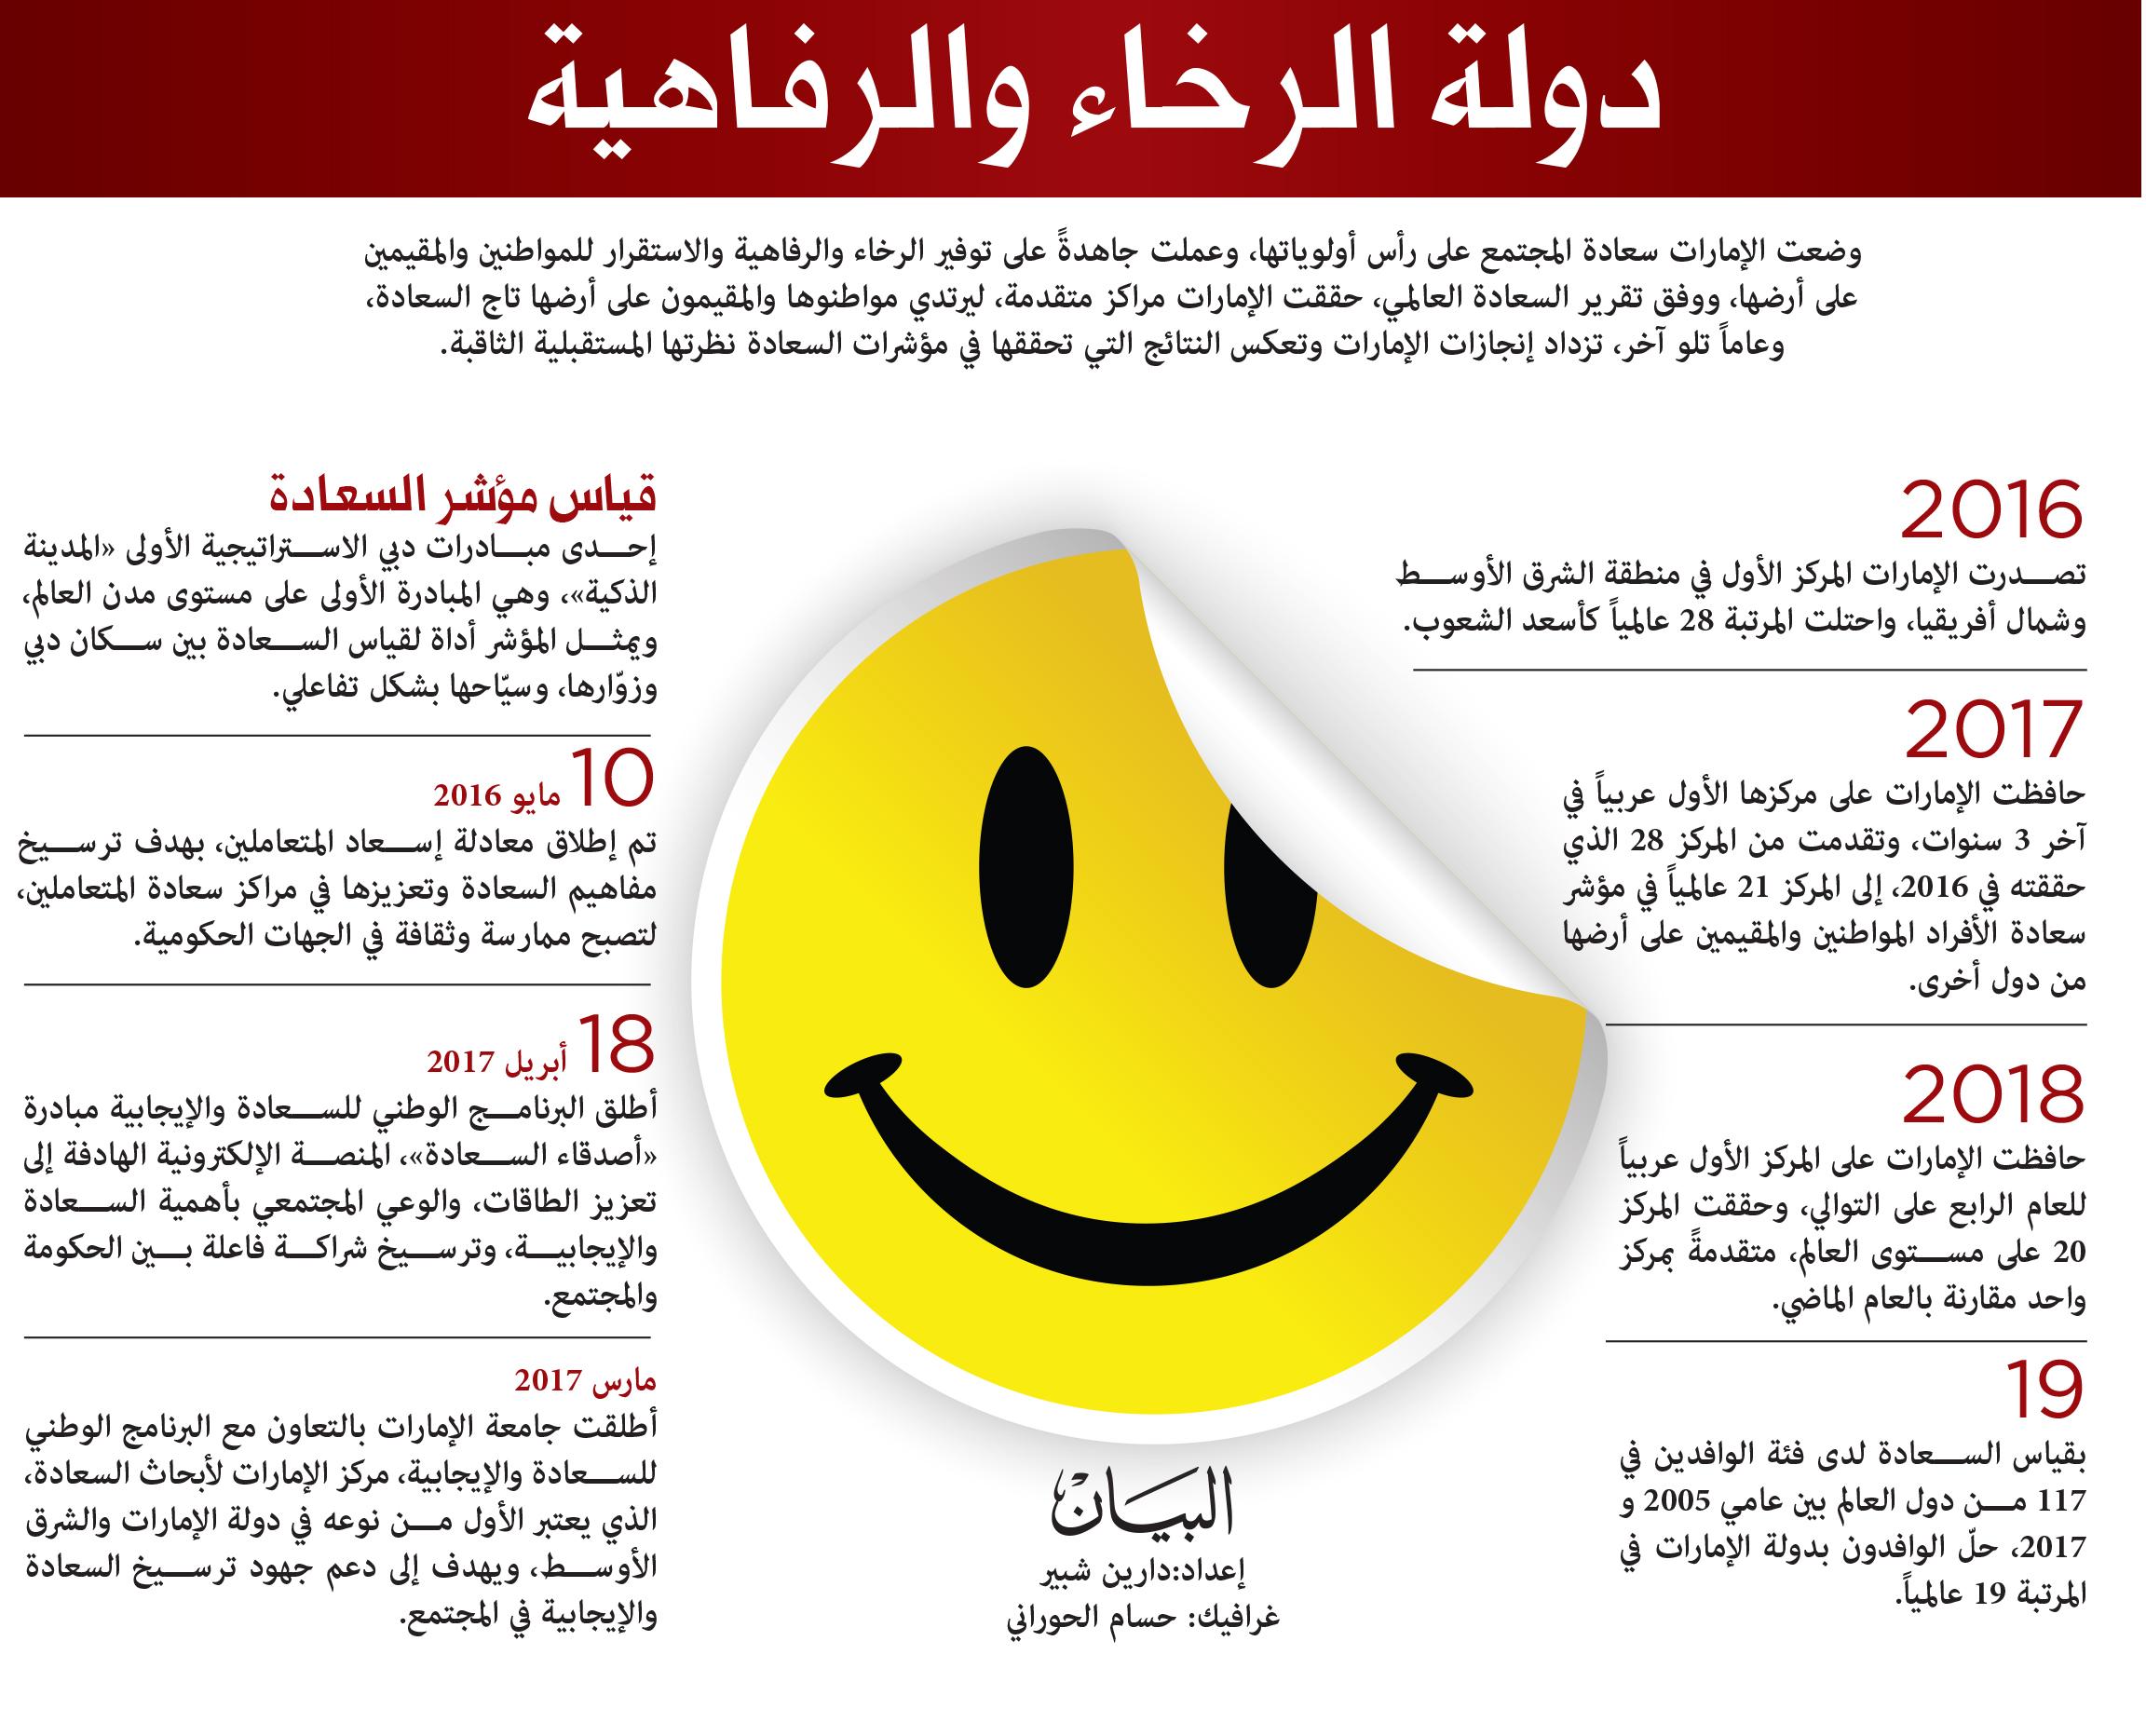 السعادة في الإمارات ثقافة ونهج يصنعان الإنجازات عبر الإمارات